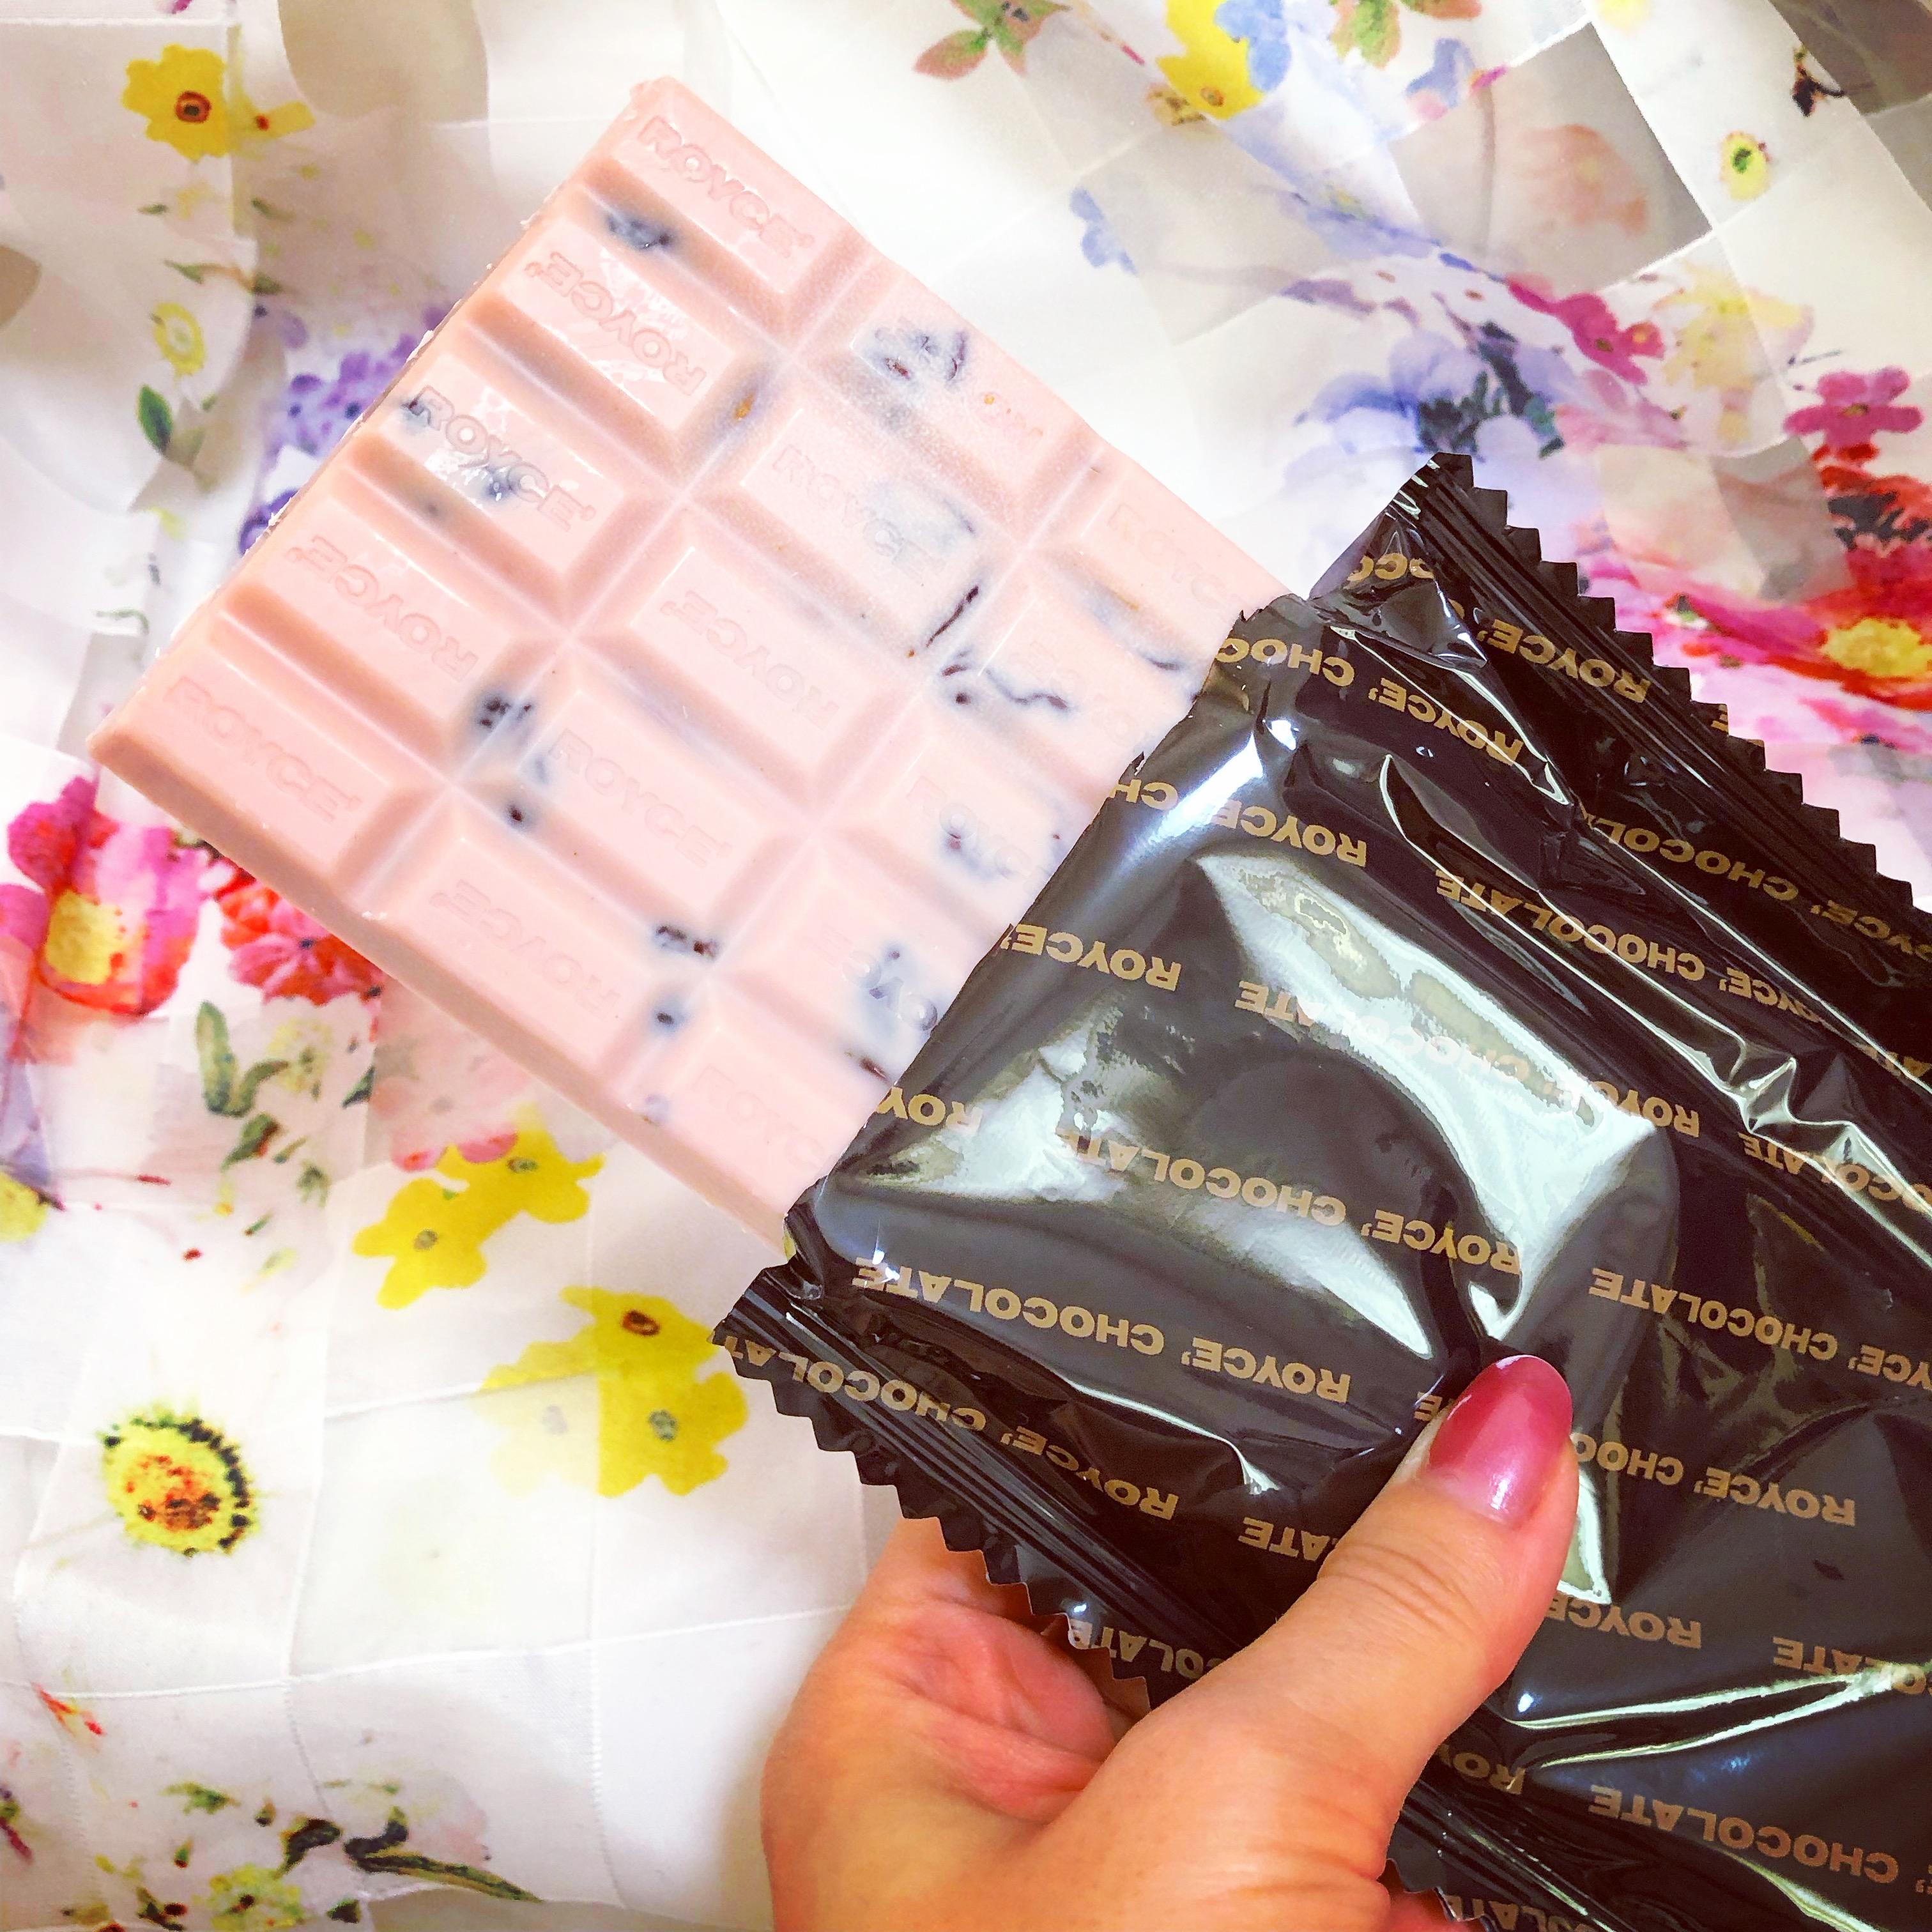 春の北海道みやげならコレがオススメ!さくらピンクがかわいいチョコレート♡_2